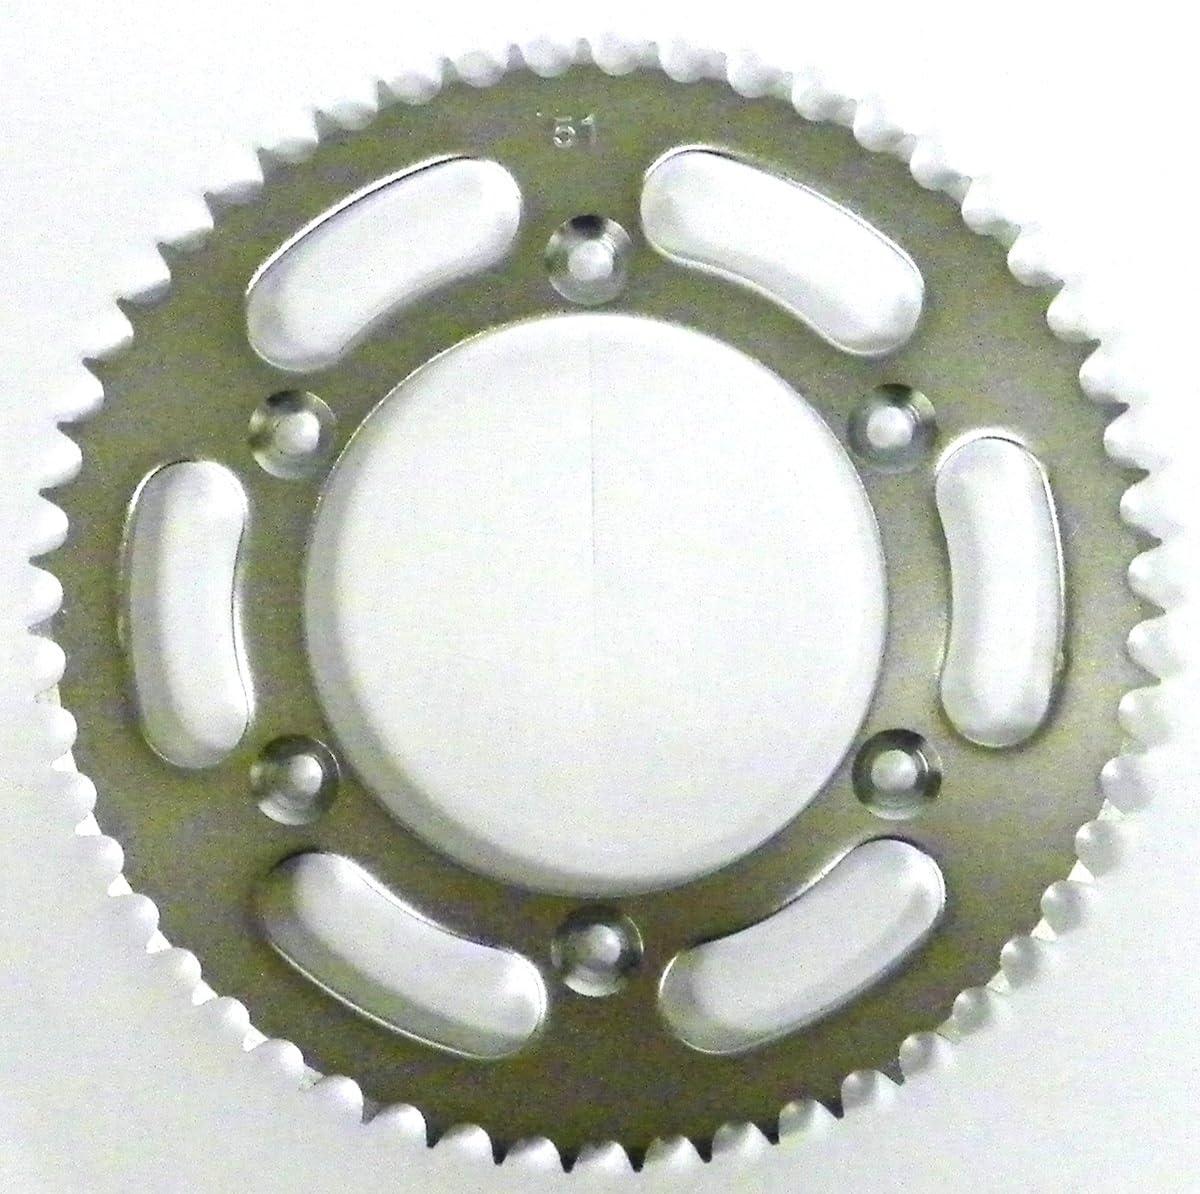 Kawasaki Steel Rear Sprocket 400 KFX 2003-2006 38 Teeth ATV Motorcycle WSM RSS-004-38